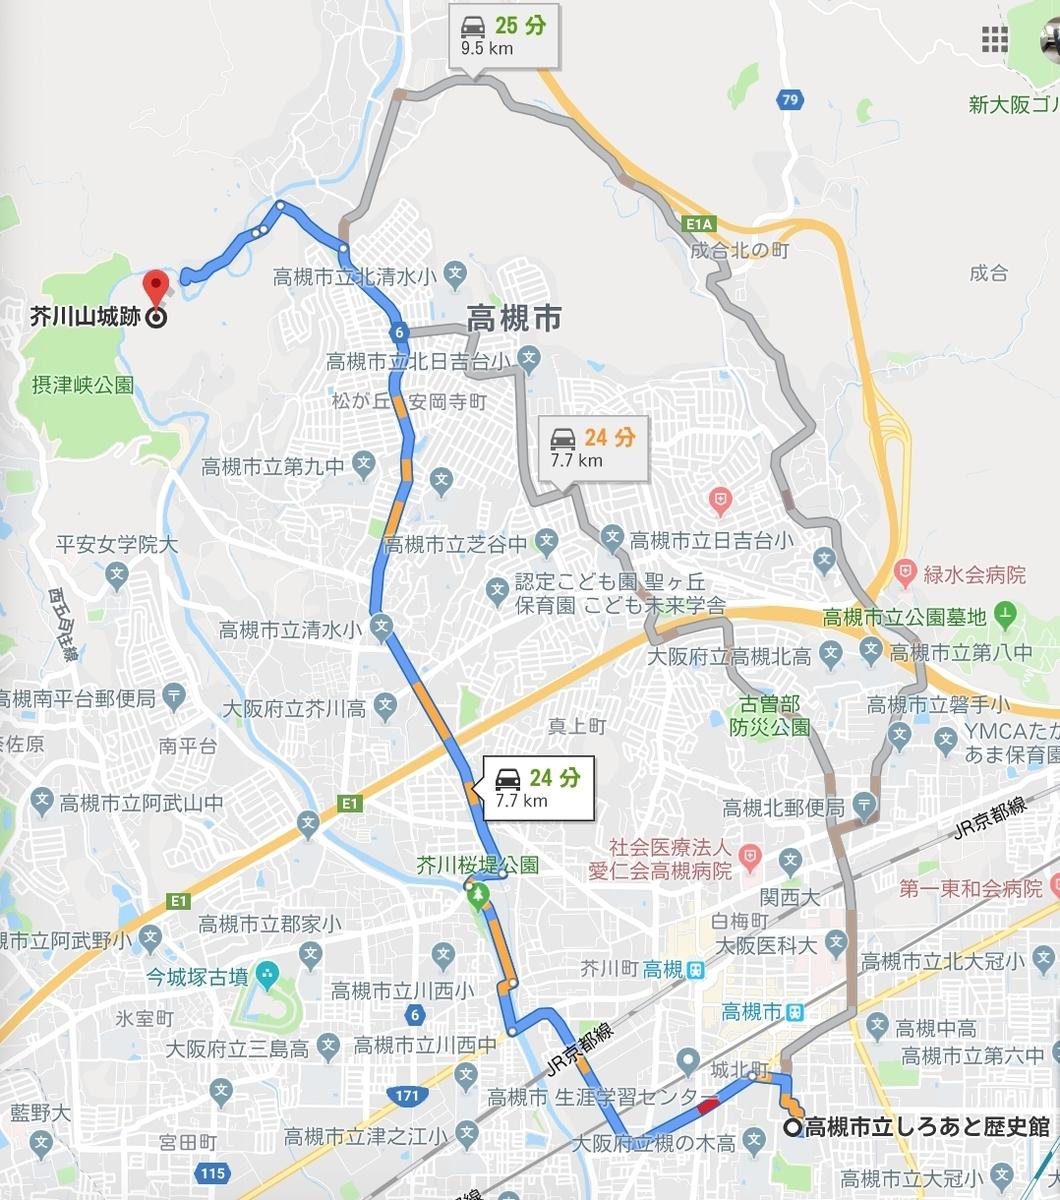 f:id:tomoko-air-tokyo:20190624094709j:plain